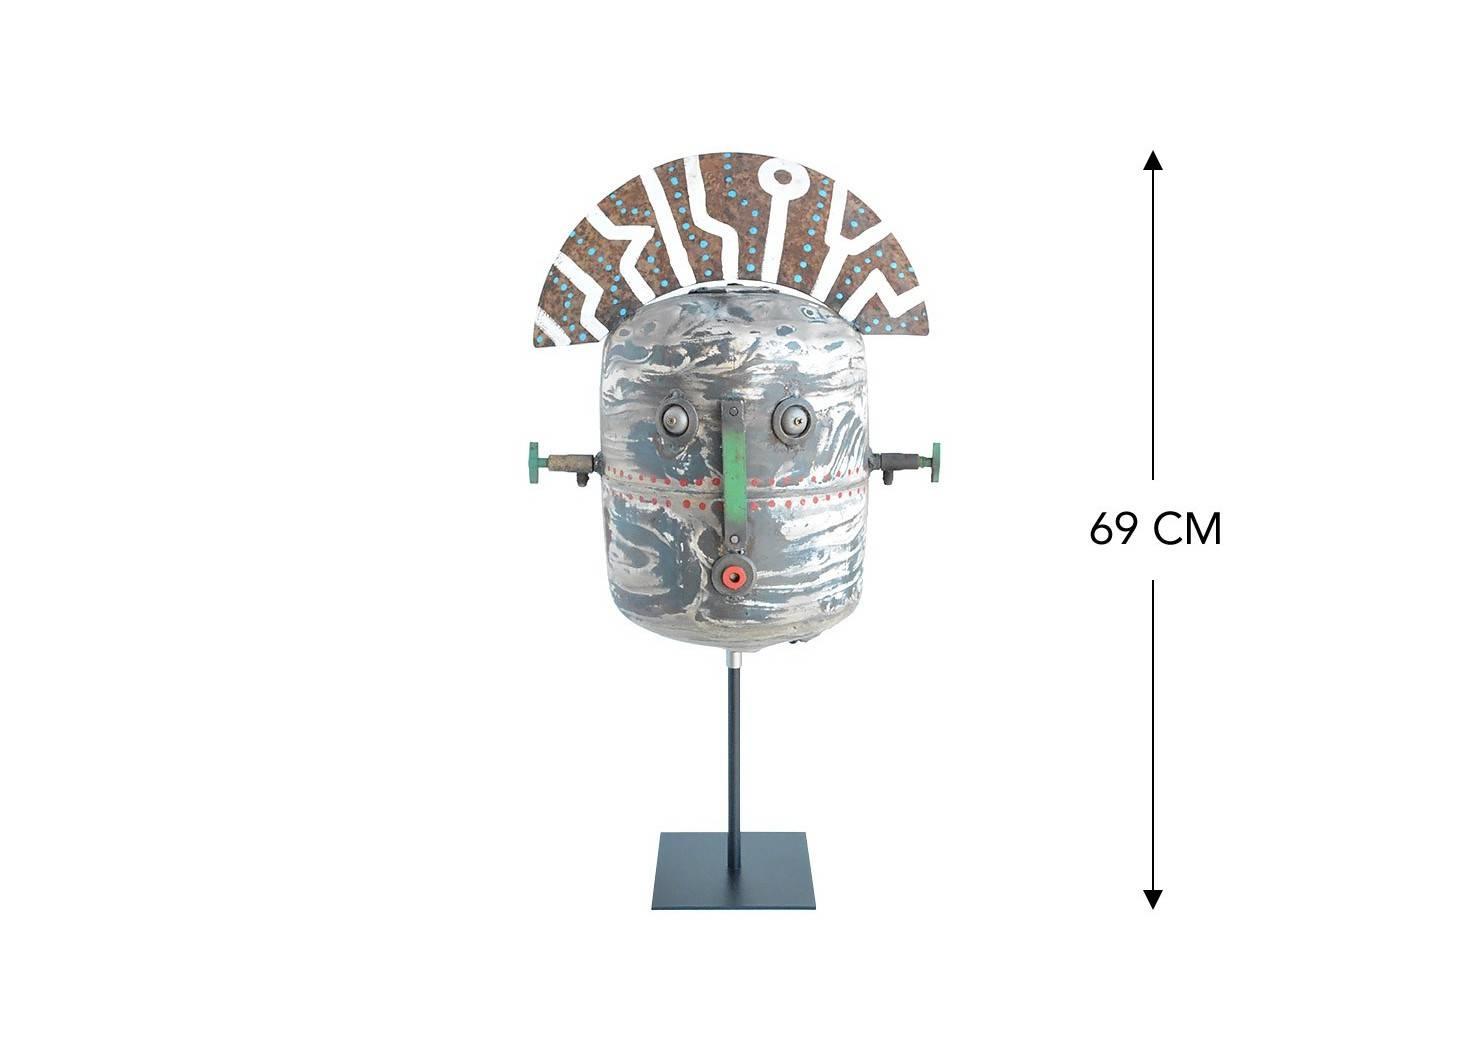 Masque décoratif en métal recyclé - MA53